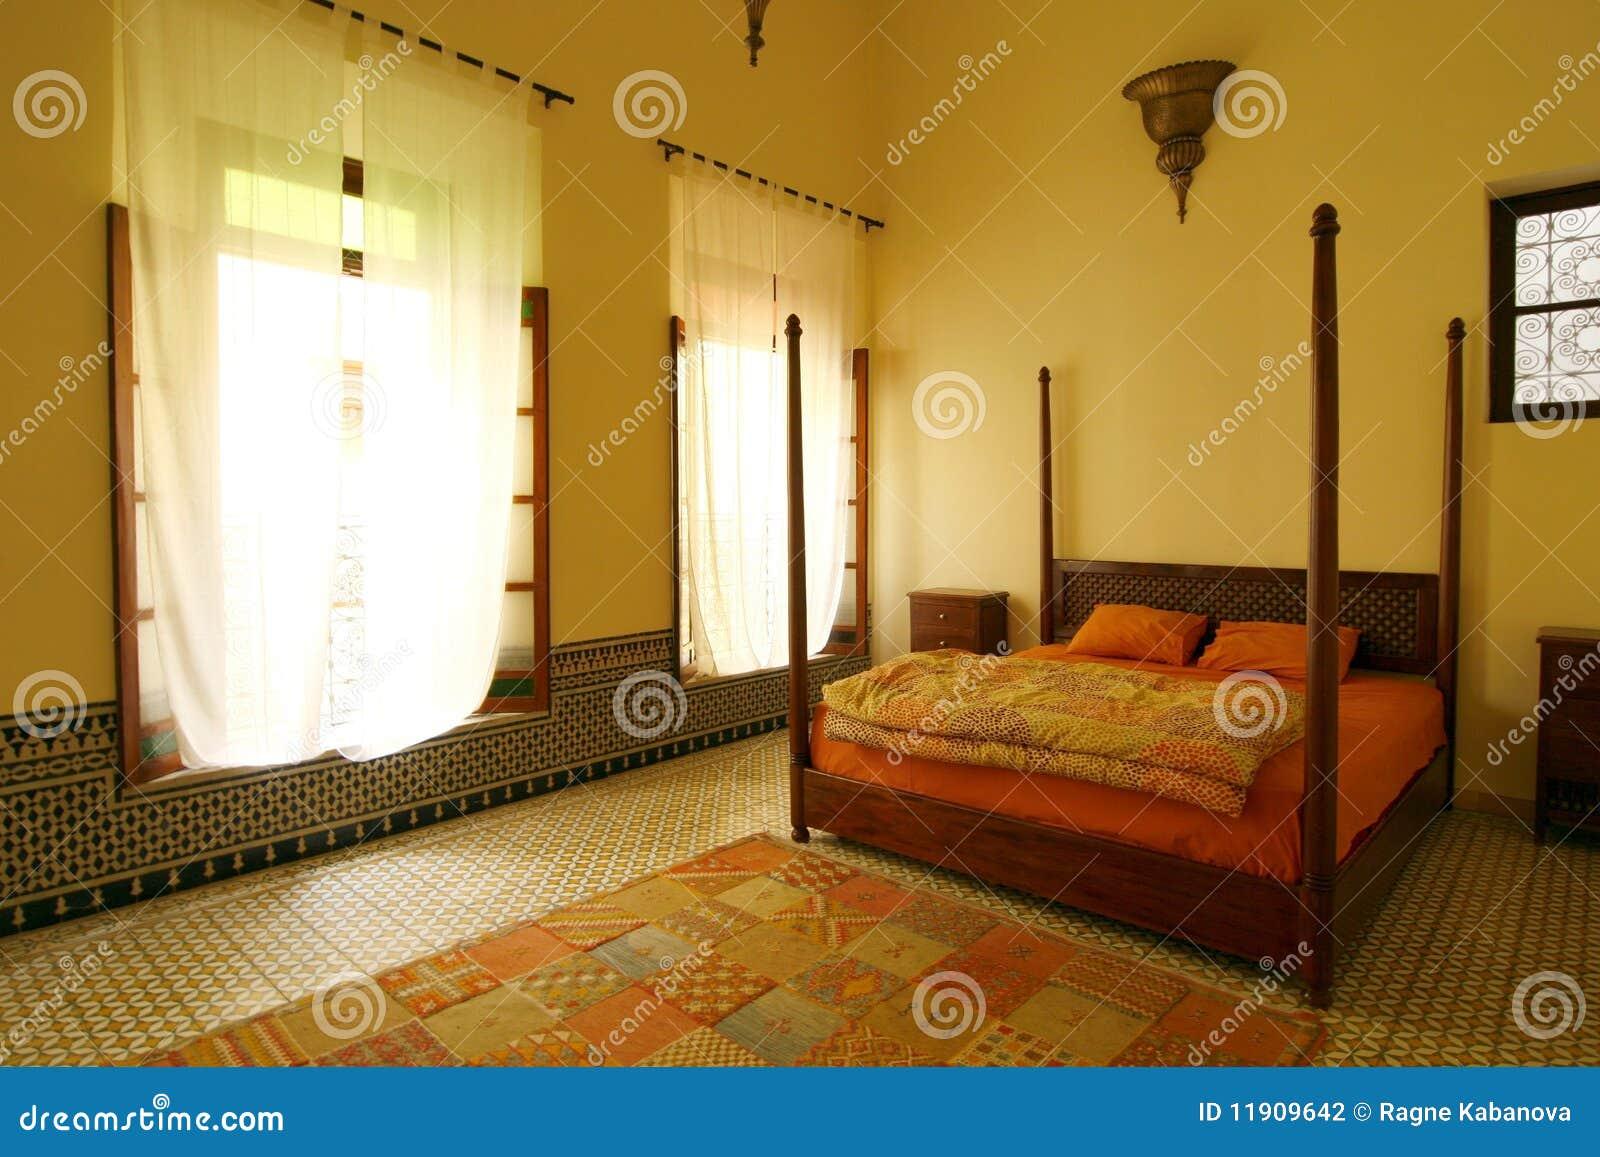 Camere Da Letto Stile Etnico. Camere Da Letto Stile Etnico Moderno ...